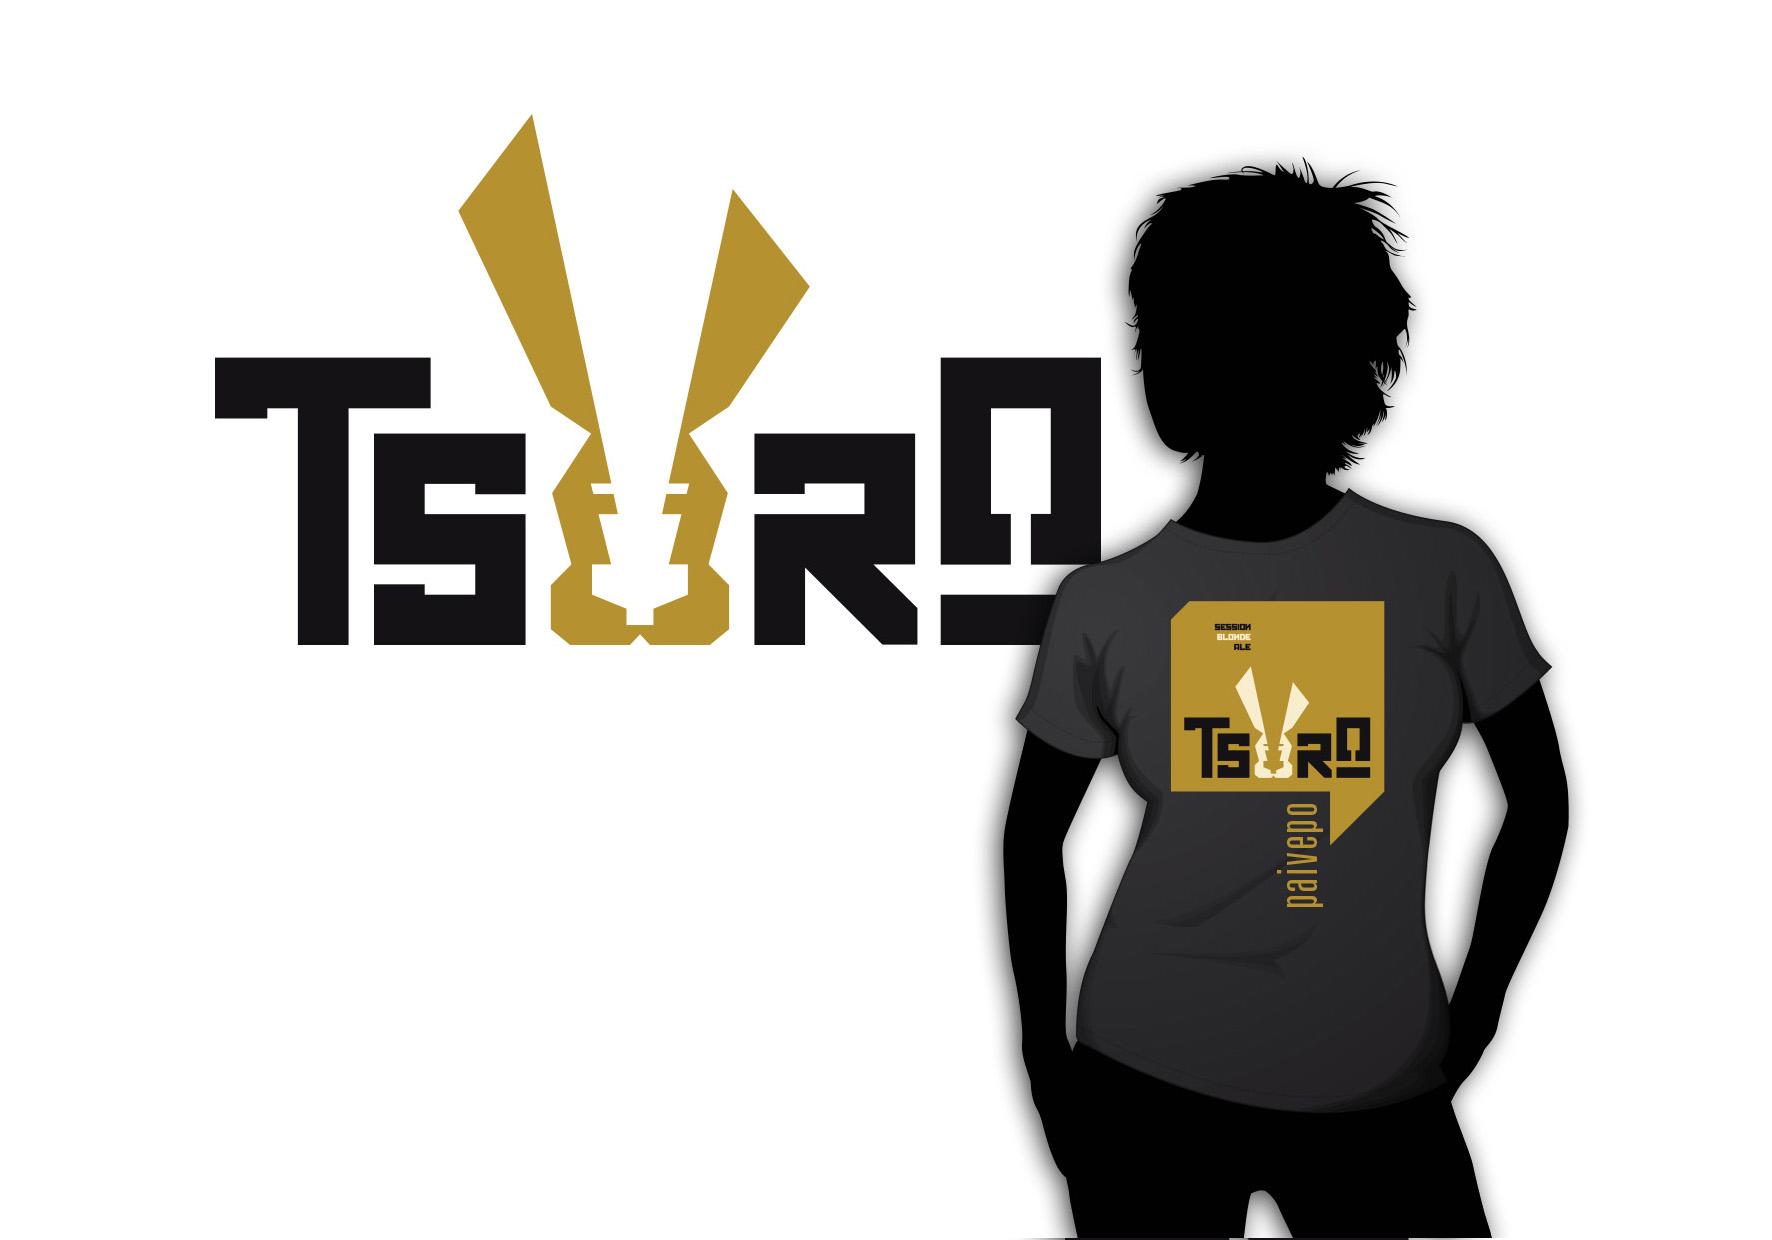 Tsuro Logo & T-Shirt